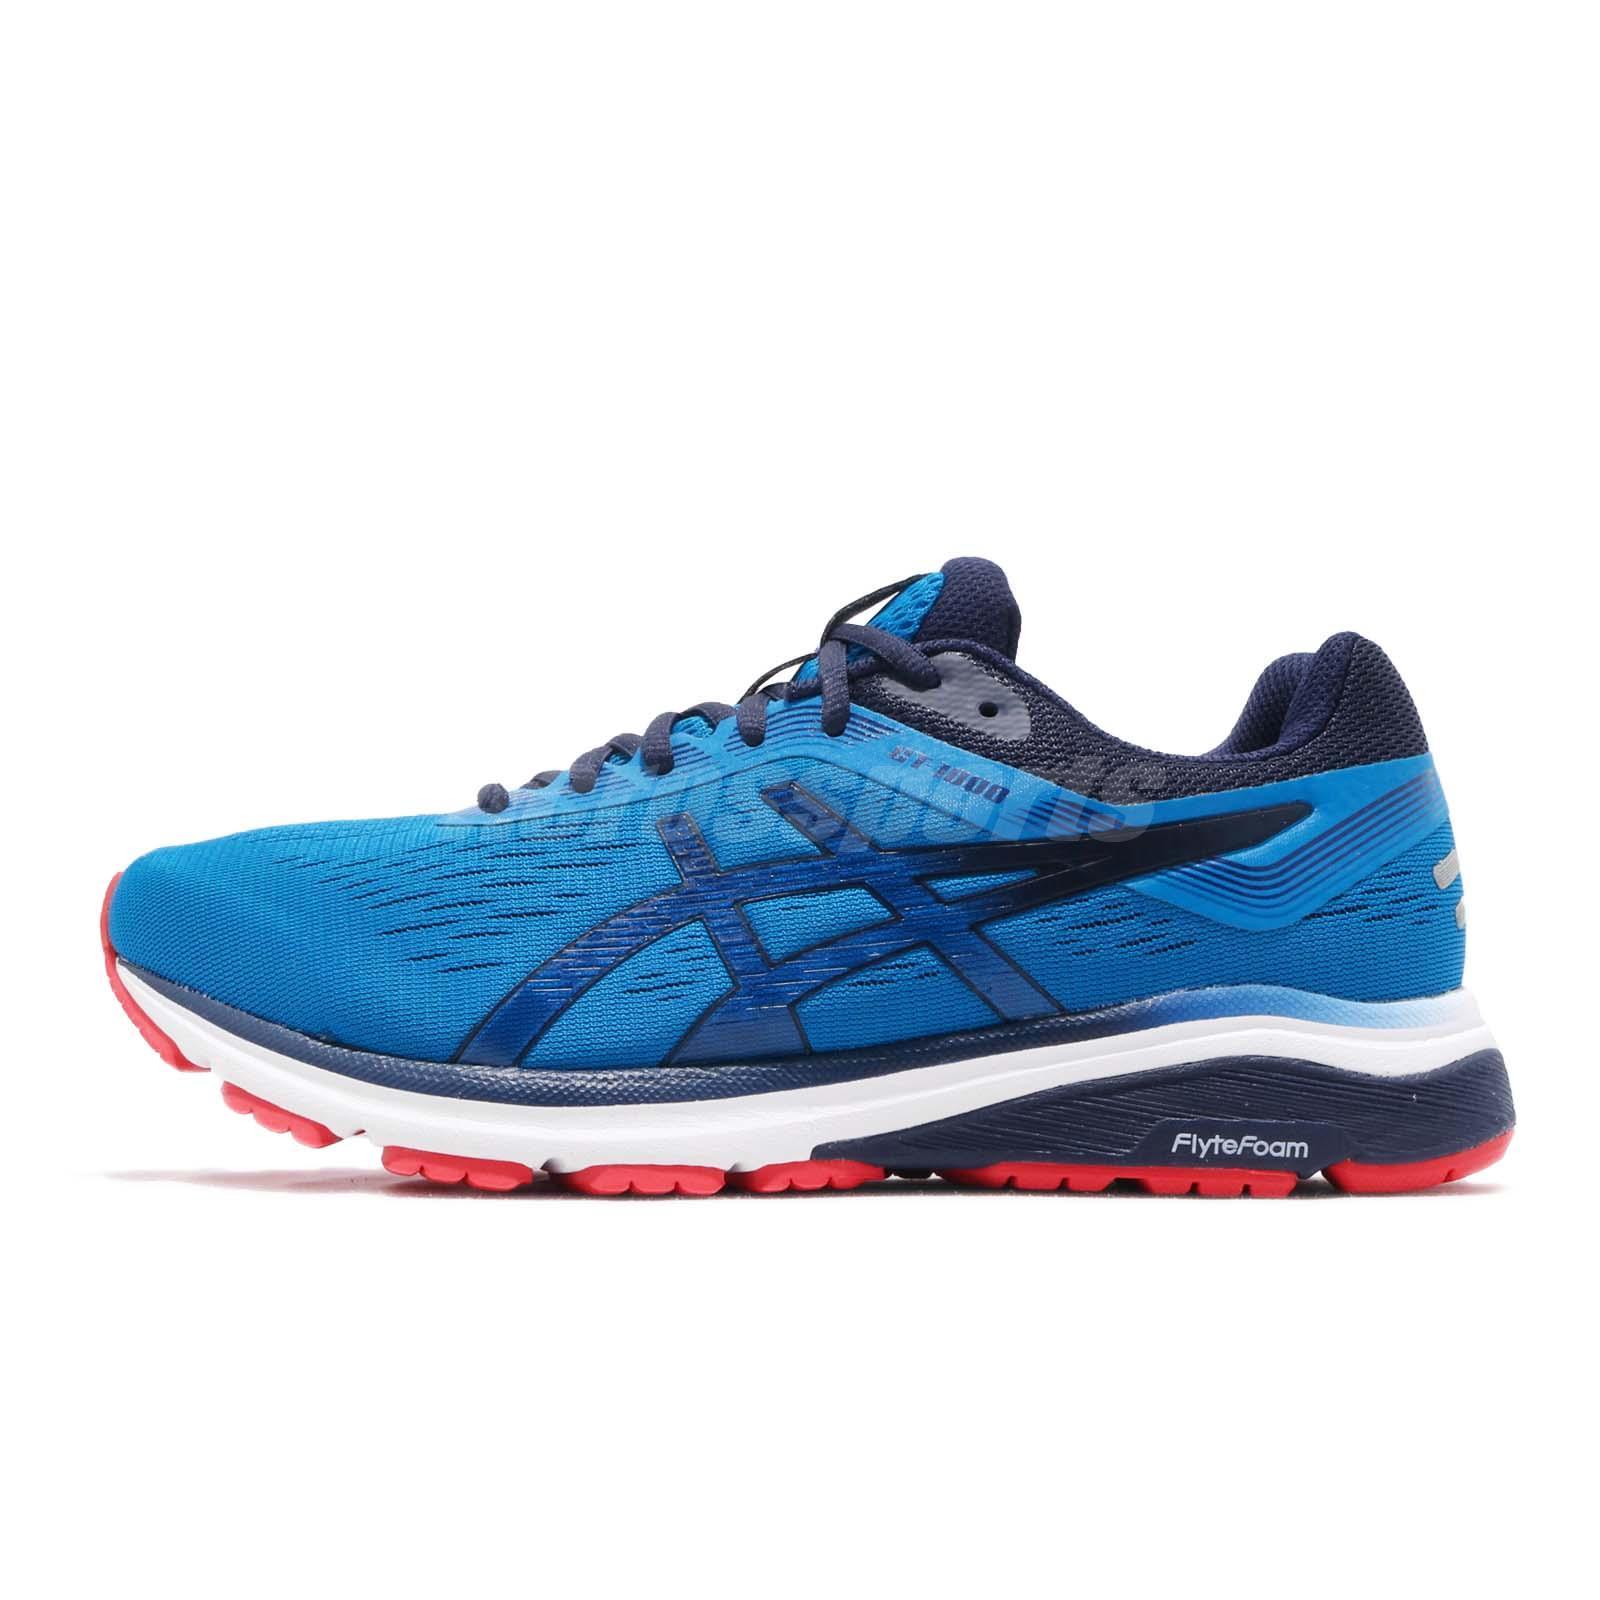 asics gt-1000 4 women's running shoes 999